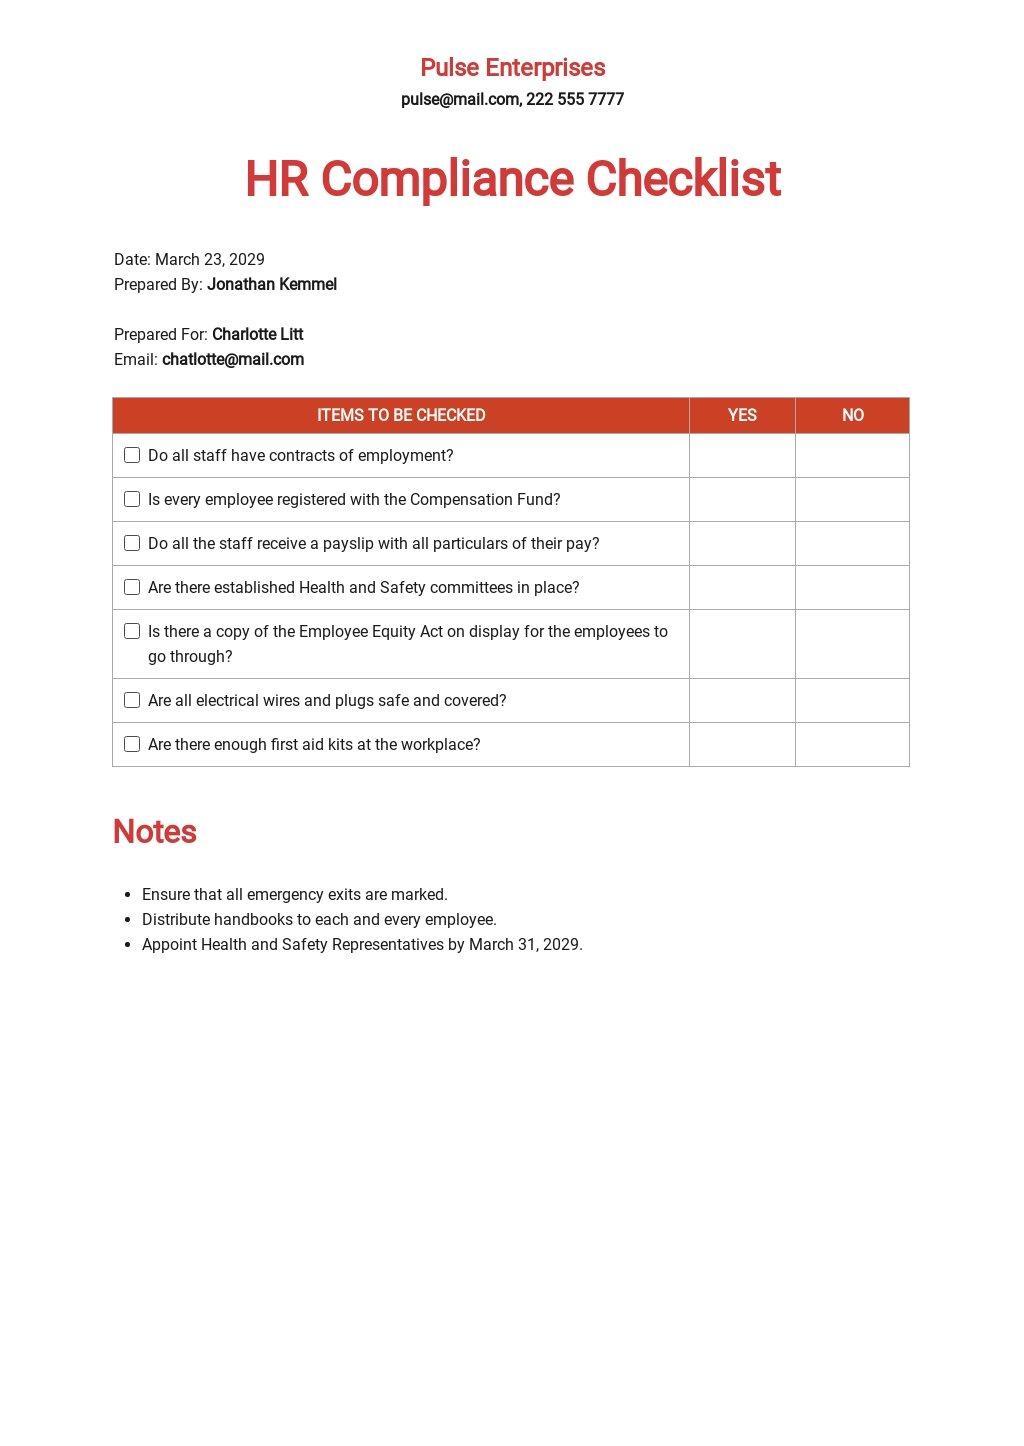 HR Compliance Checklist Template